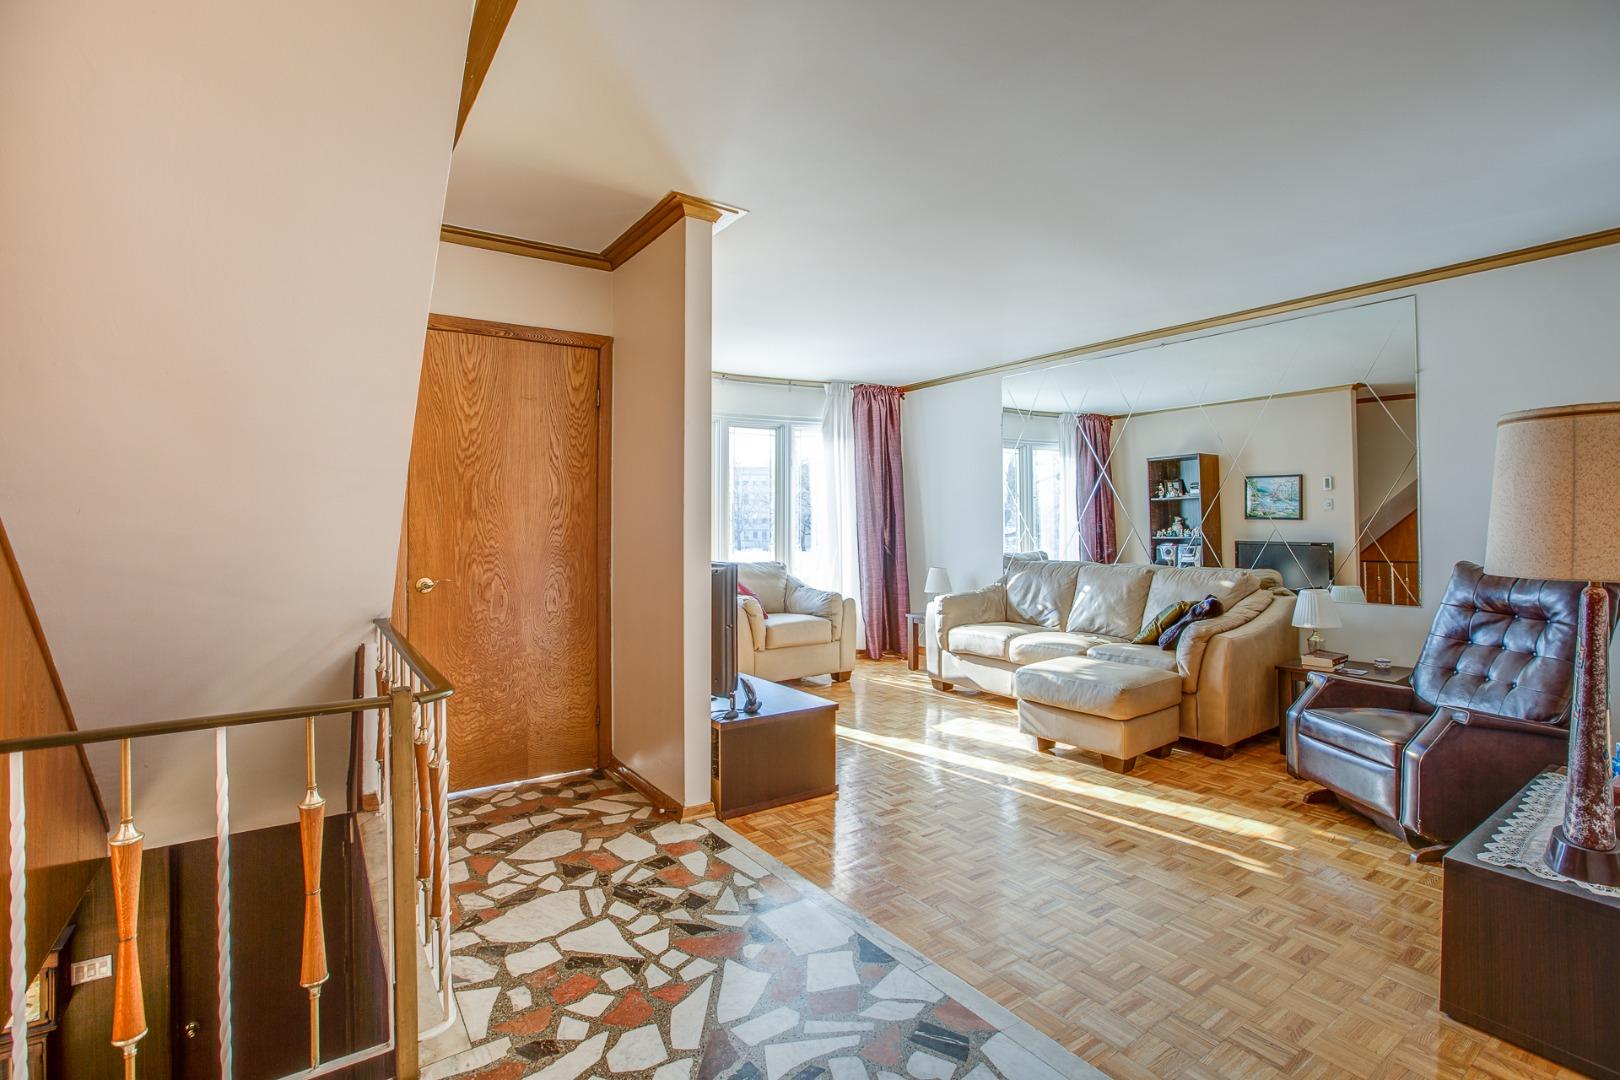 Duplex à vendre Montréal Mercier Hochelaga-Maisonneuve - Salon